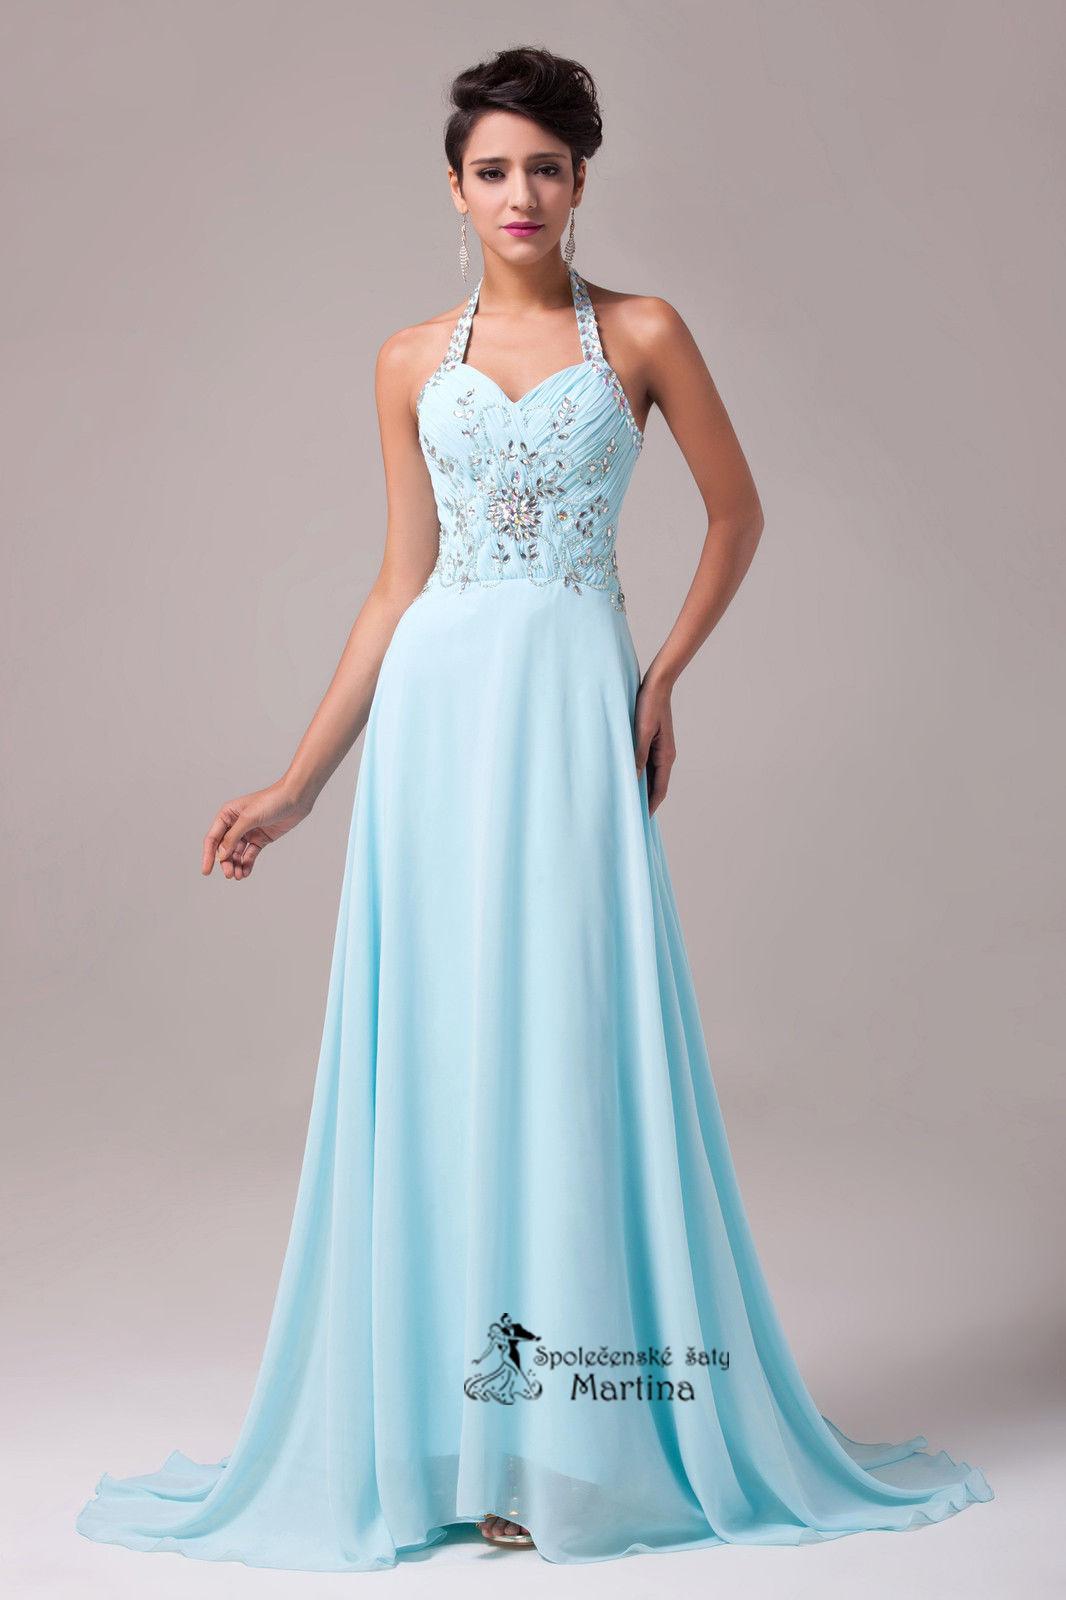 Svatební šaty bledě modré  c372a5c1e40